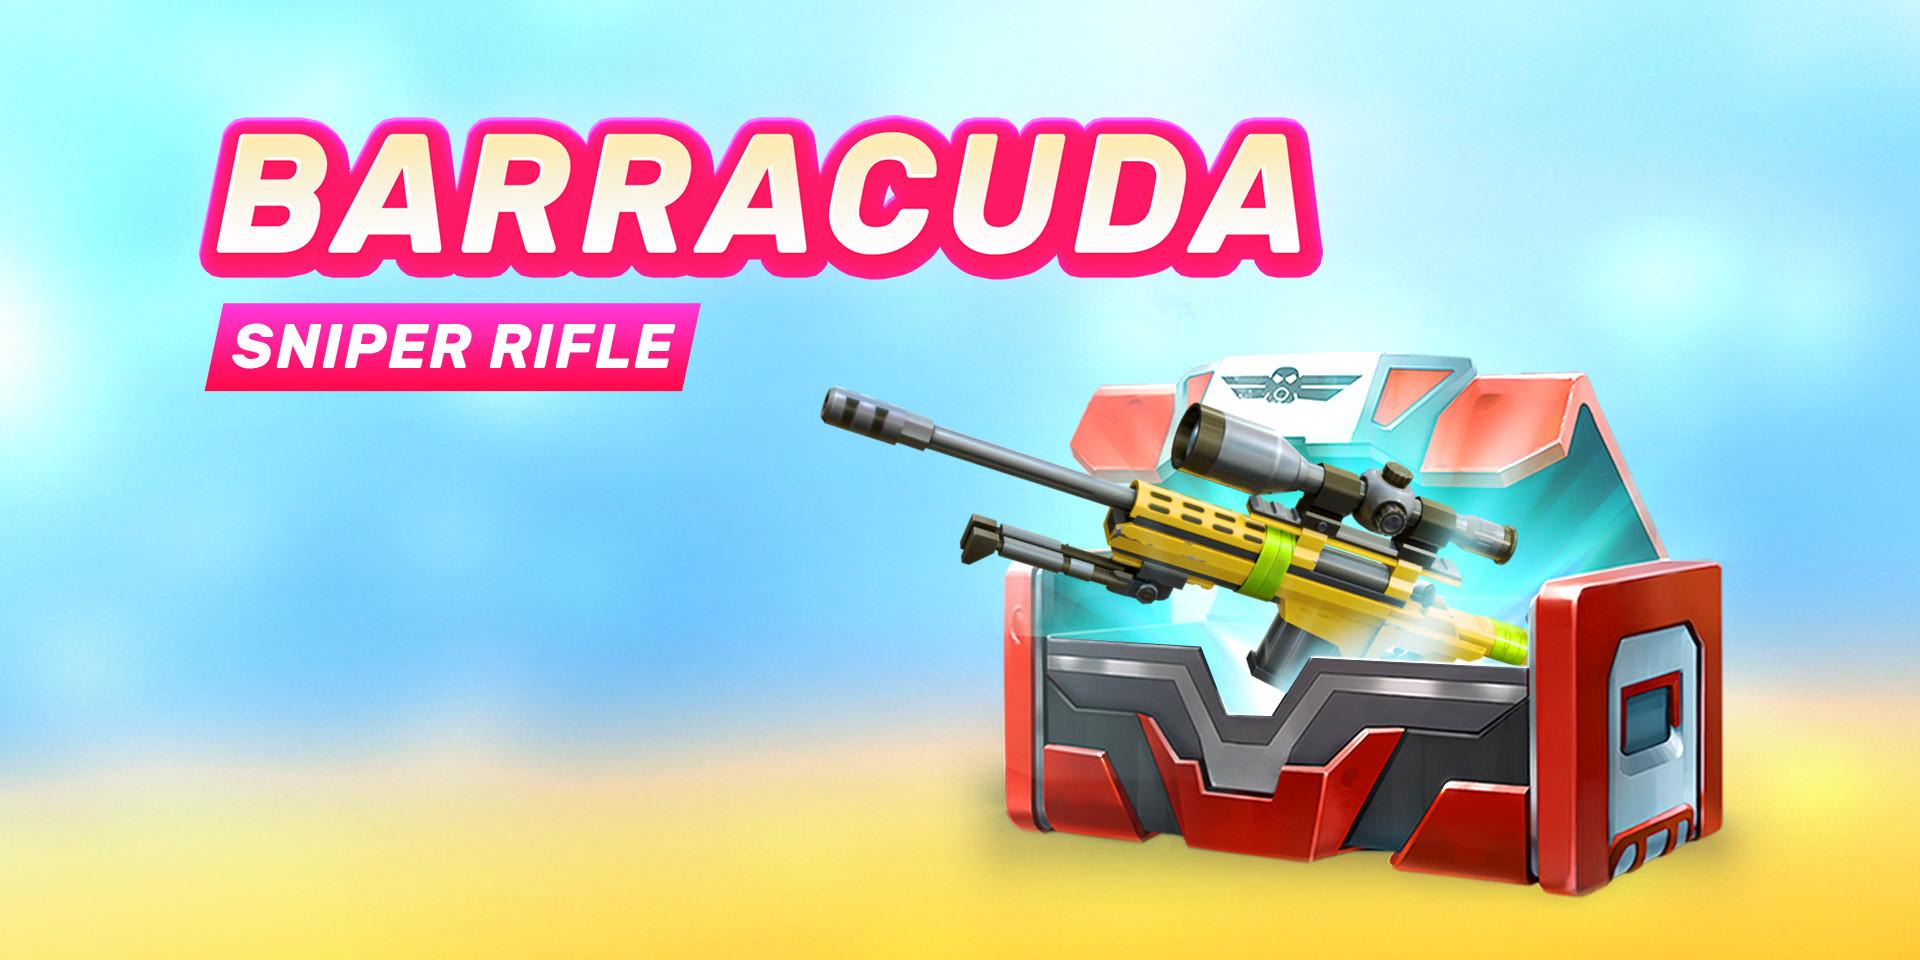 gunsopedia-barracuda-4uRvo82eGp